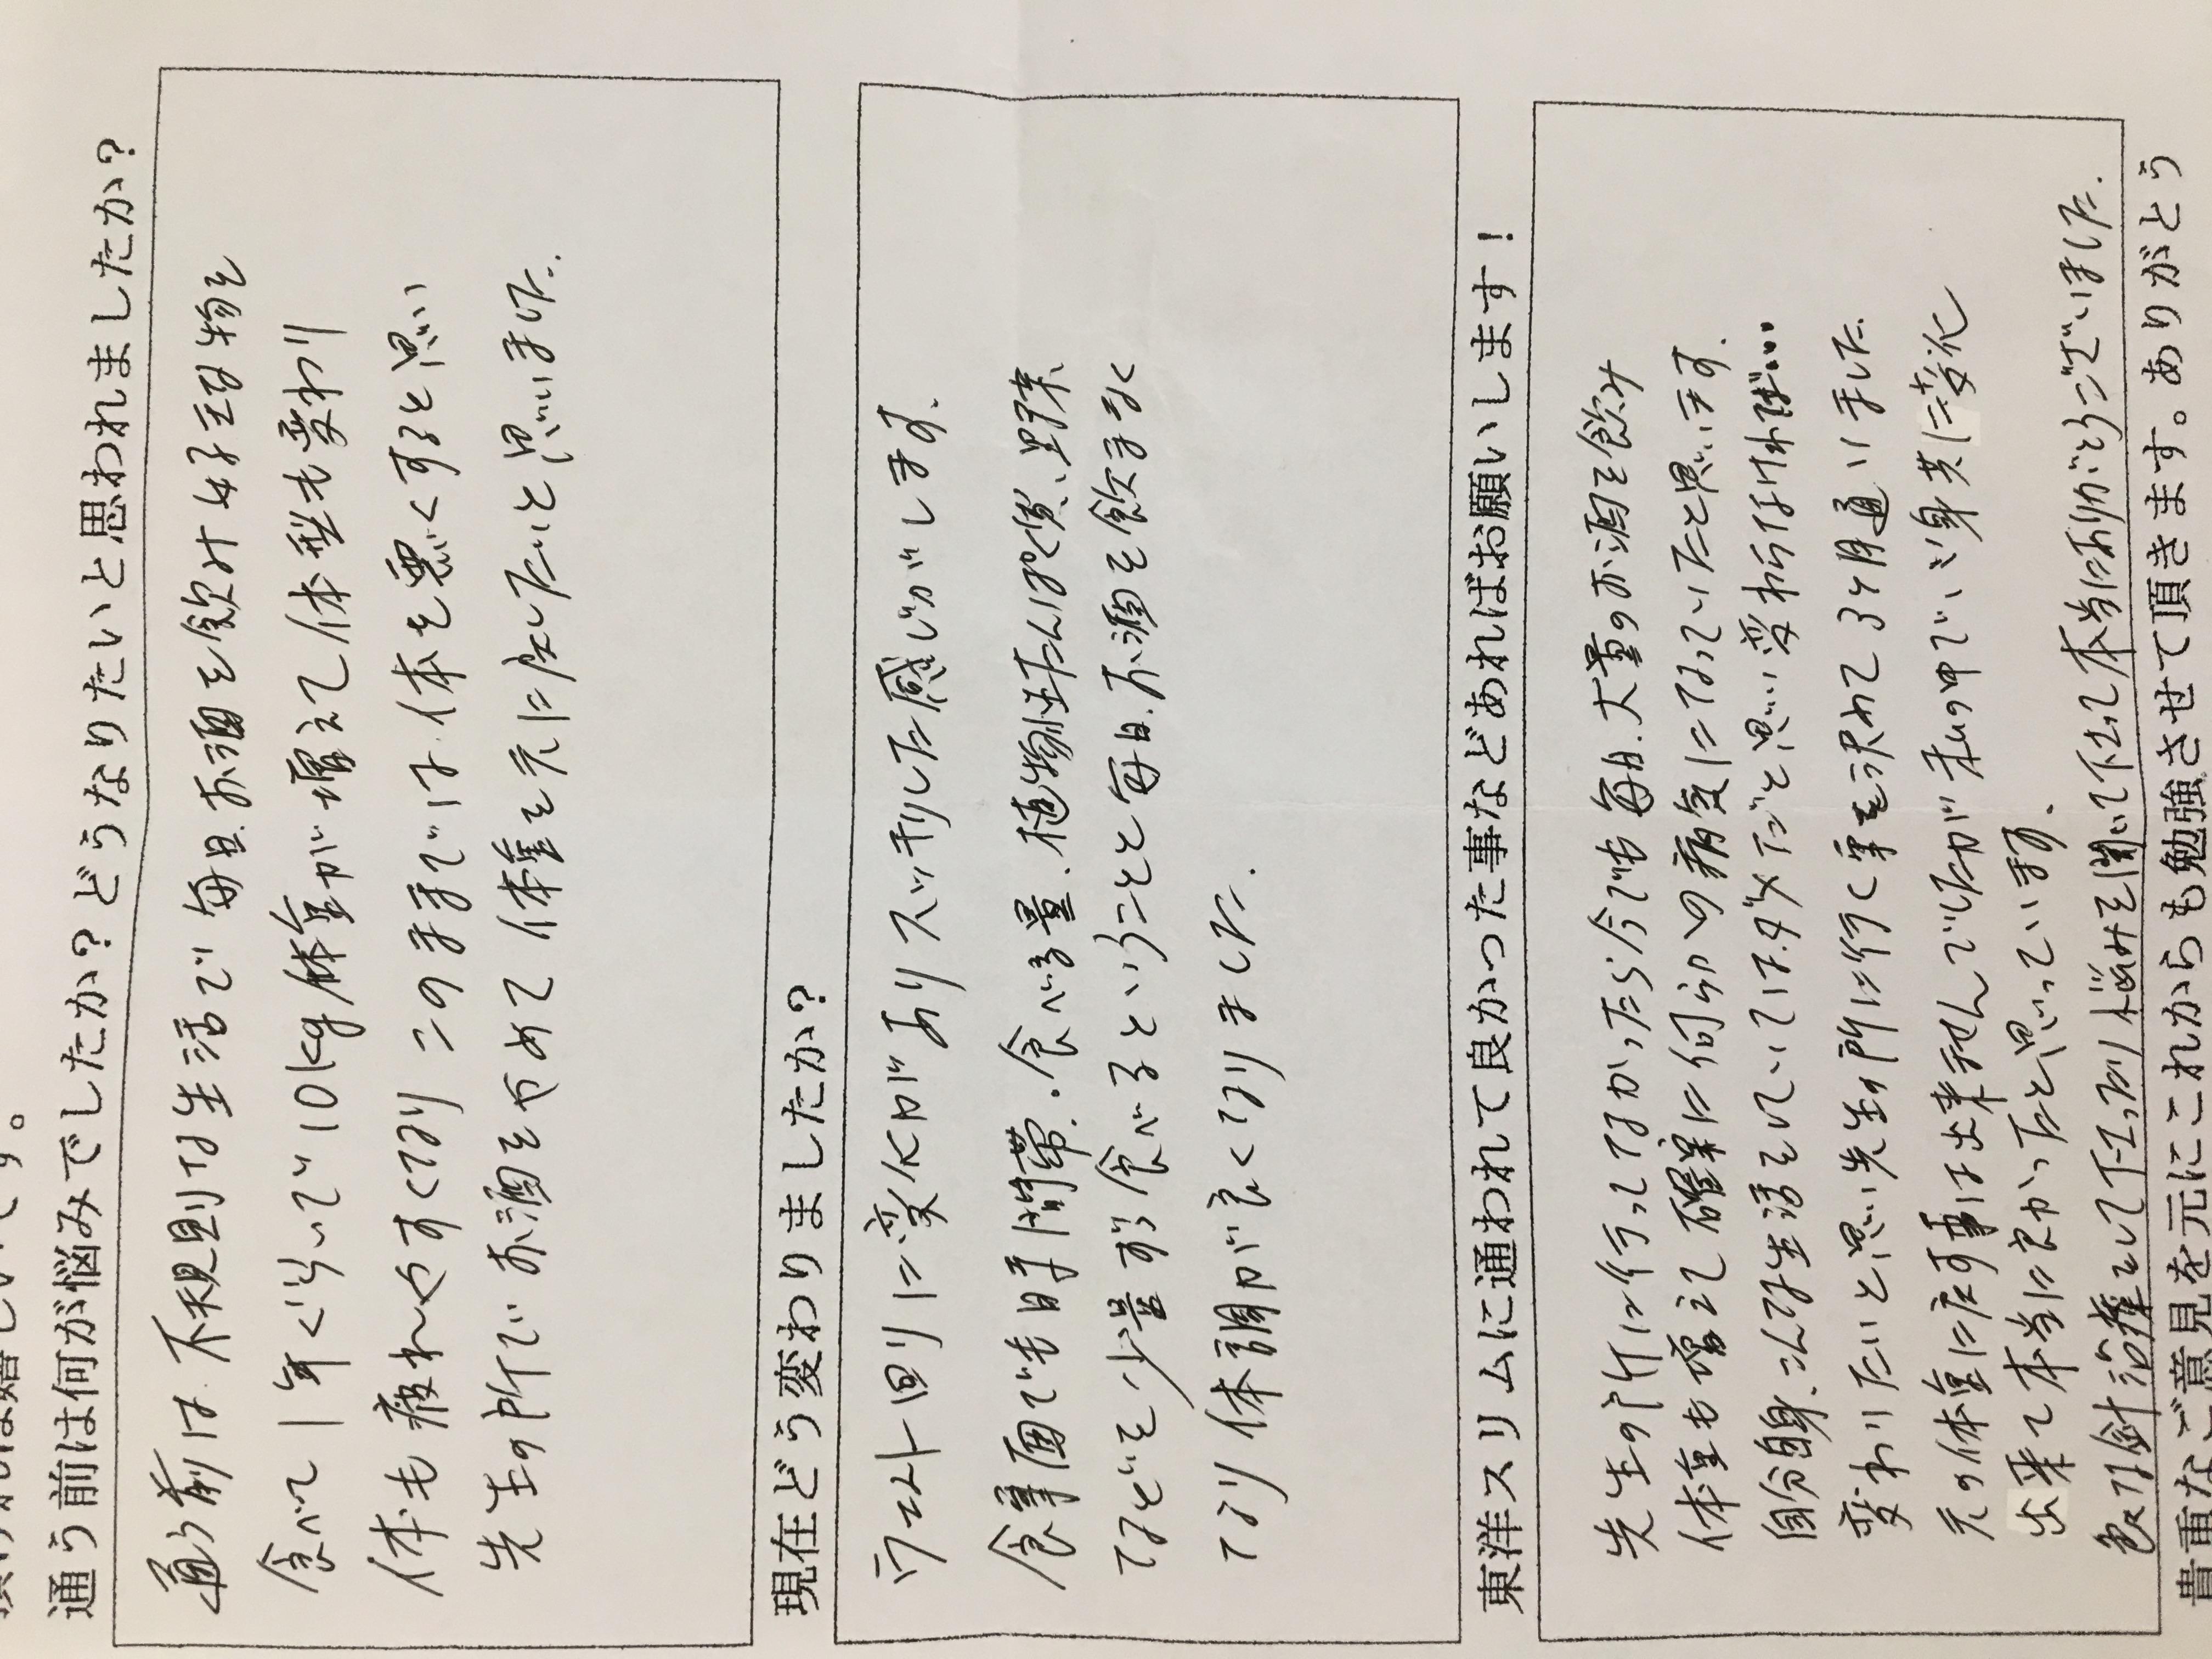 大阪市平野区Iさん40才耳つぼ痩身法でー4kgダイエット成功